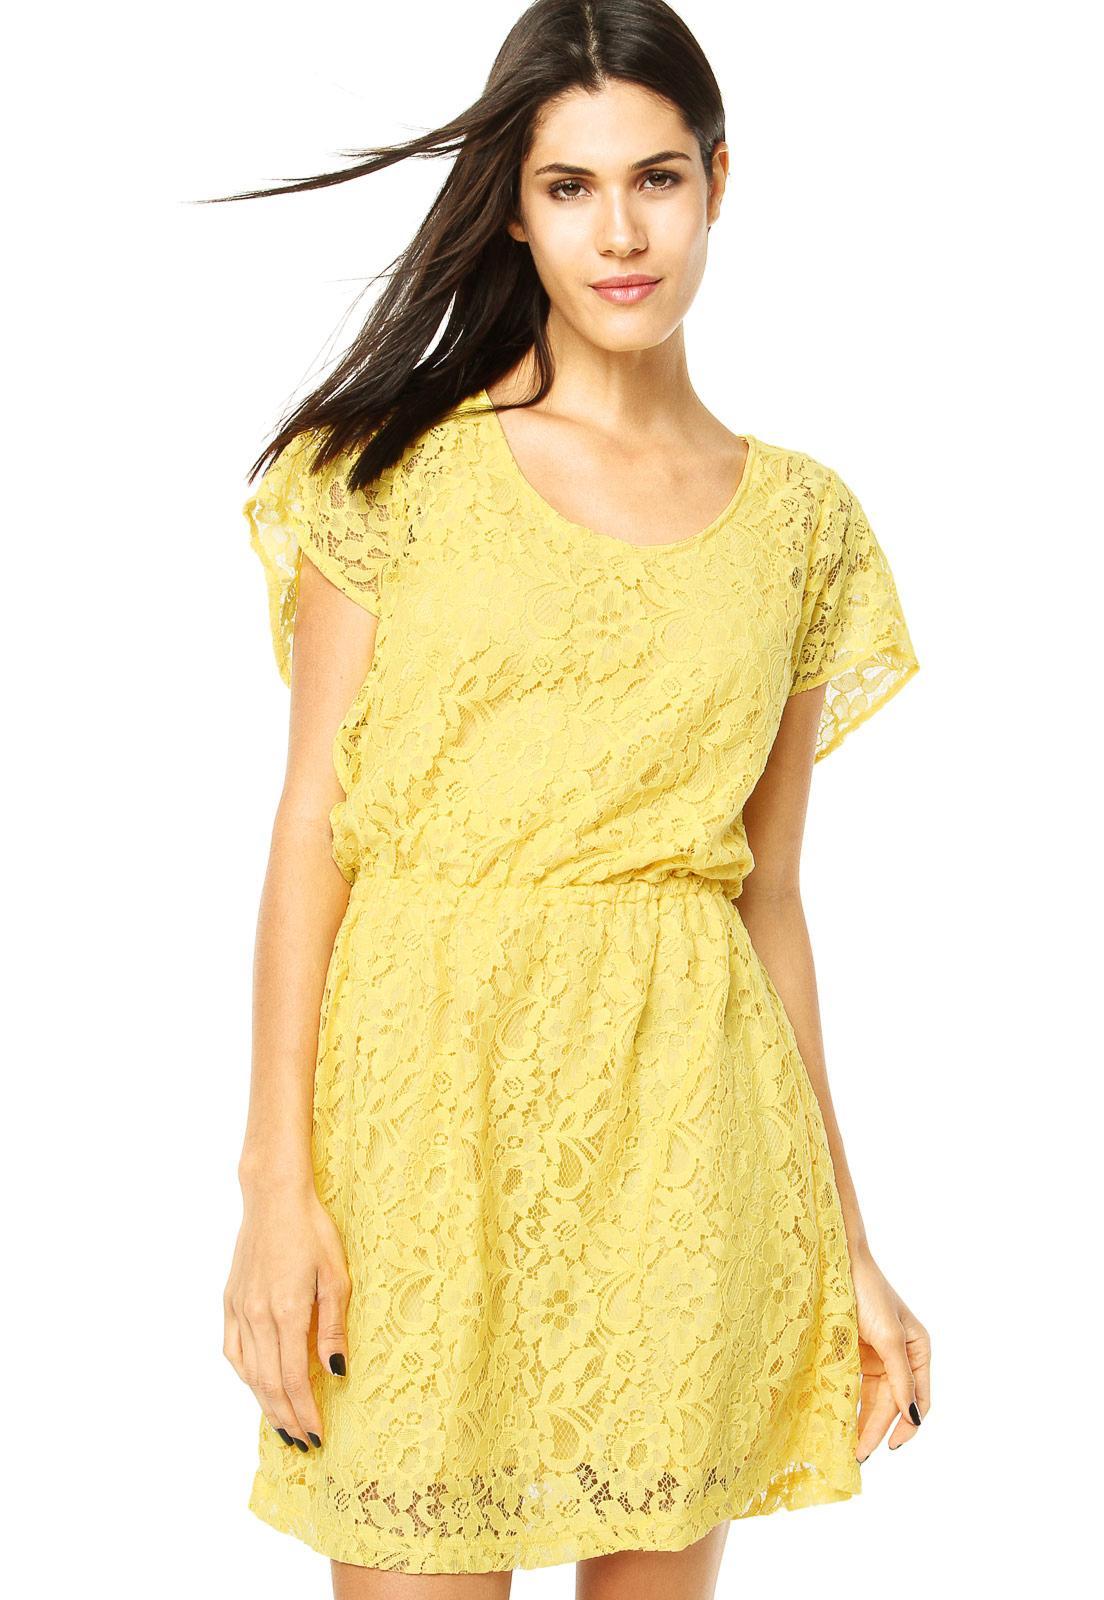 Modelos de vestido de renda 103